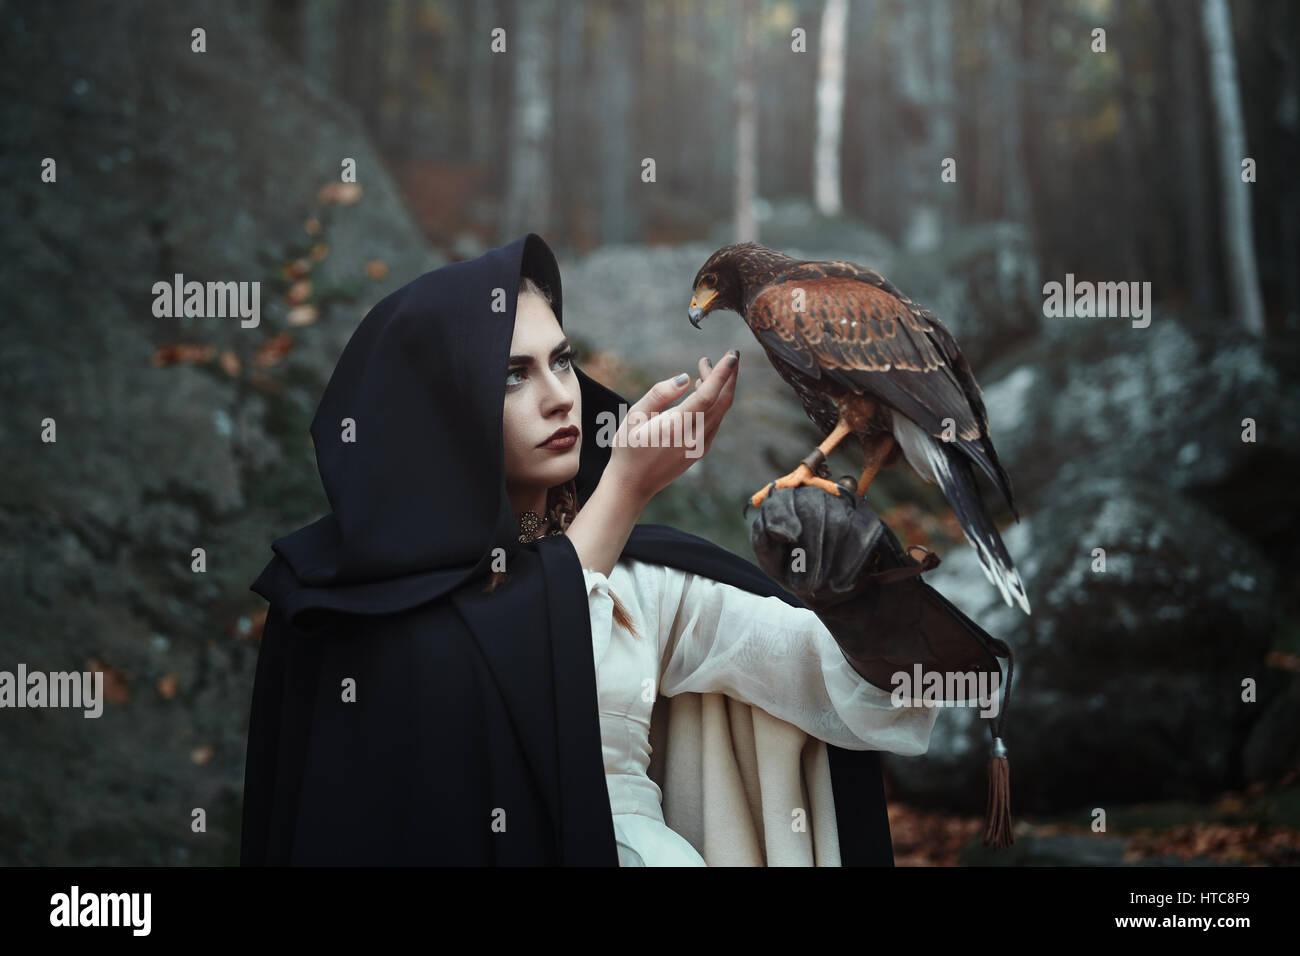 Schwarze Kapuzen Jägerin mit Hawk. Fantasie und Falknerei Stockbild